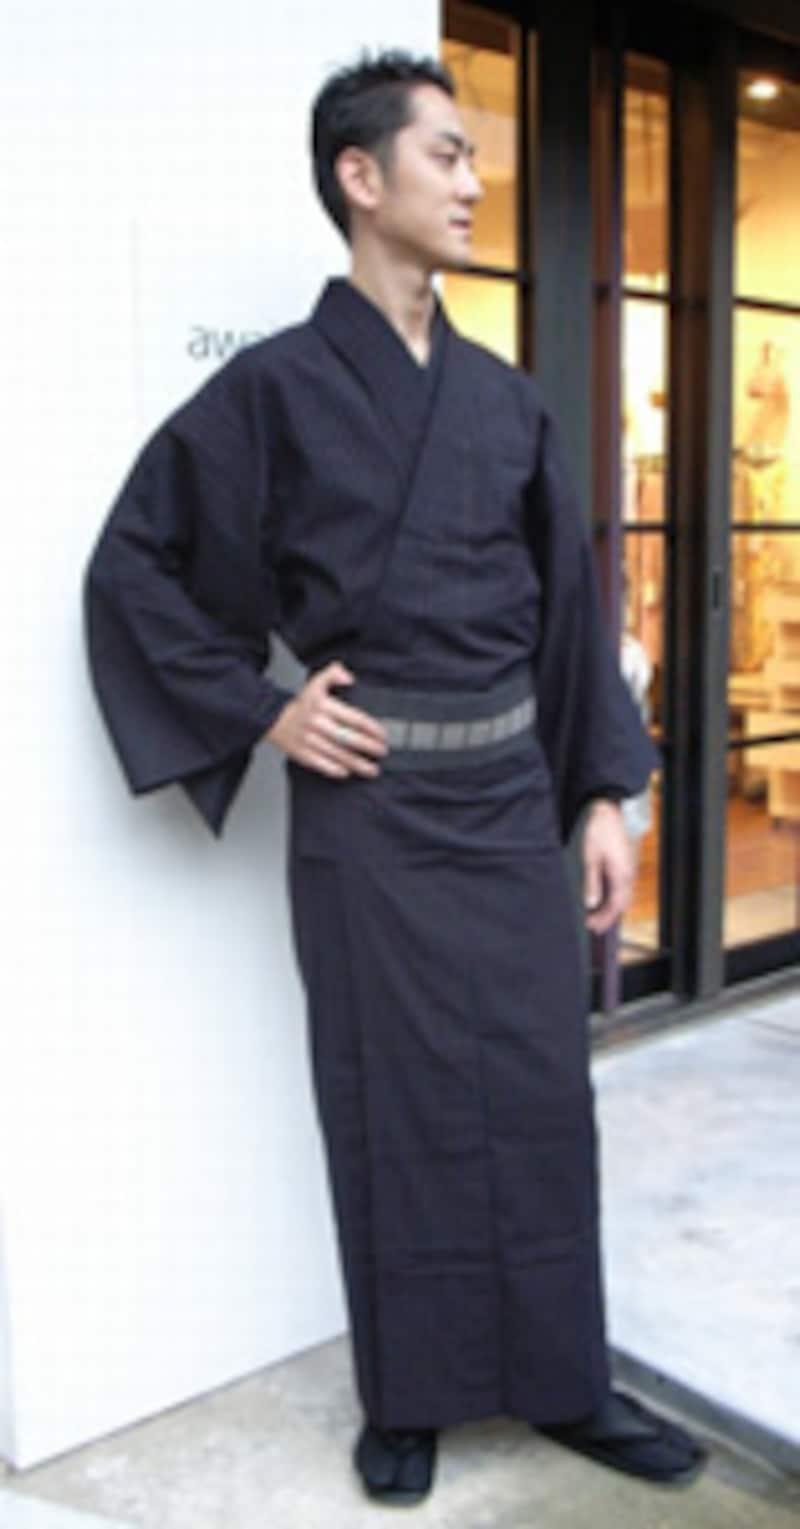 ウィンタータイプの方は、ダークカラーの着物がよくお似合いになります。